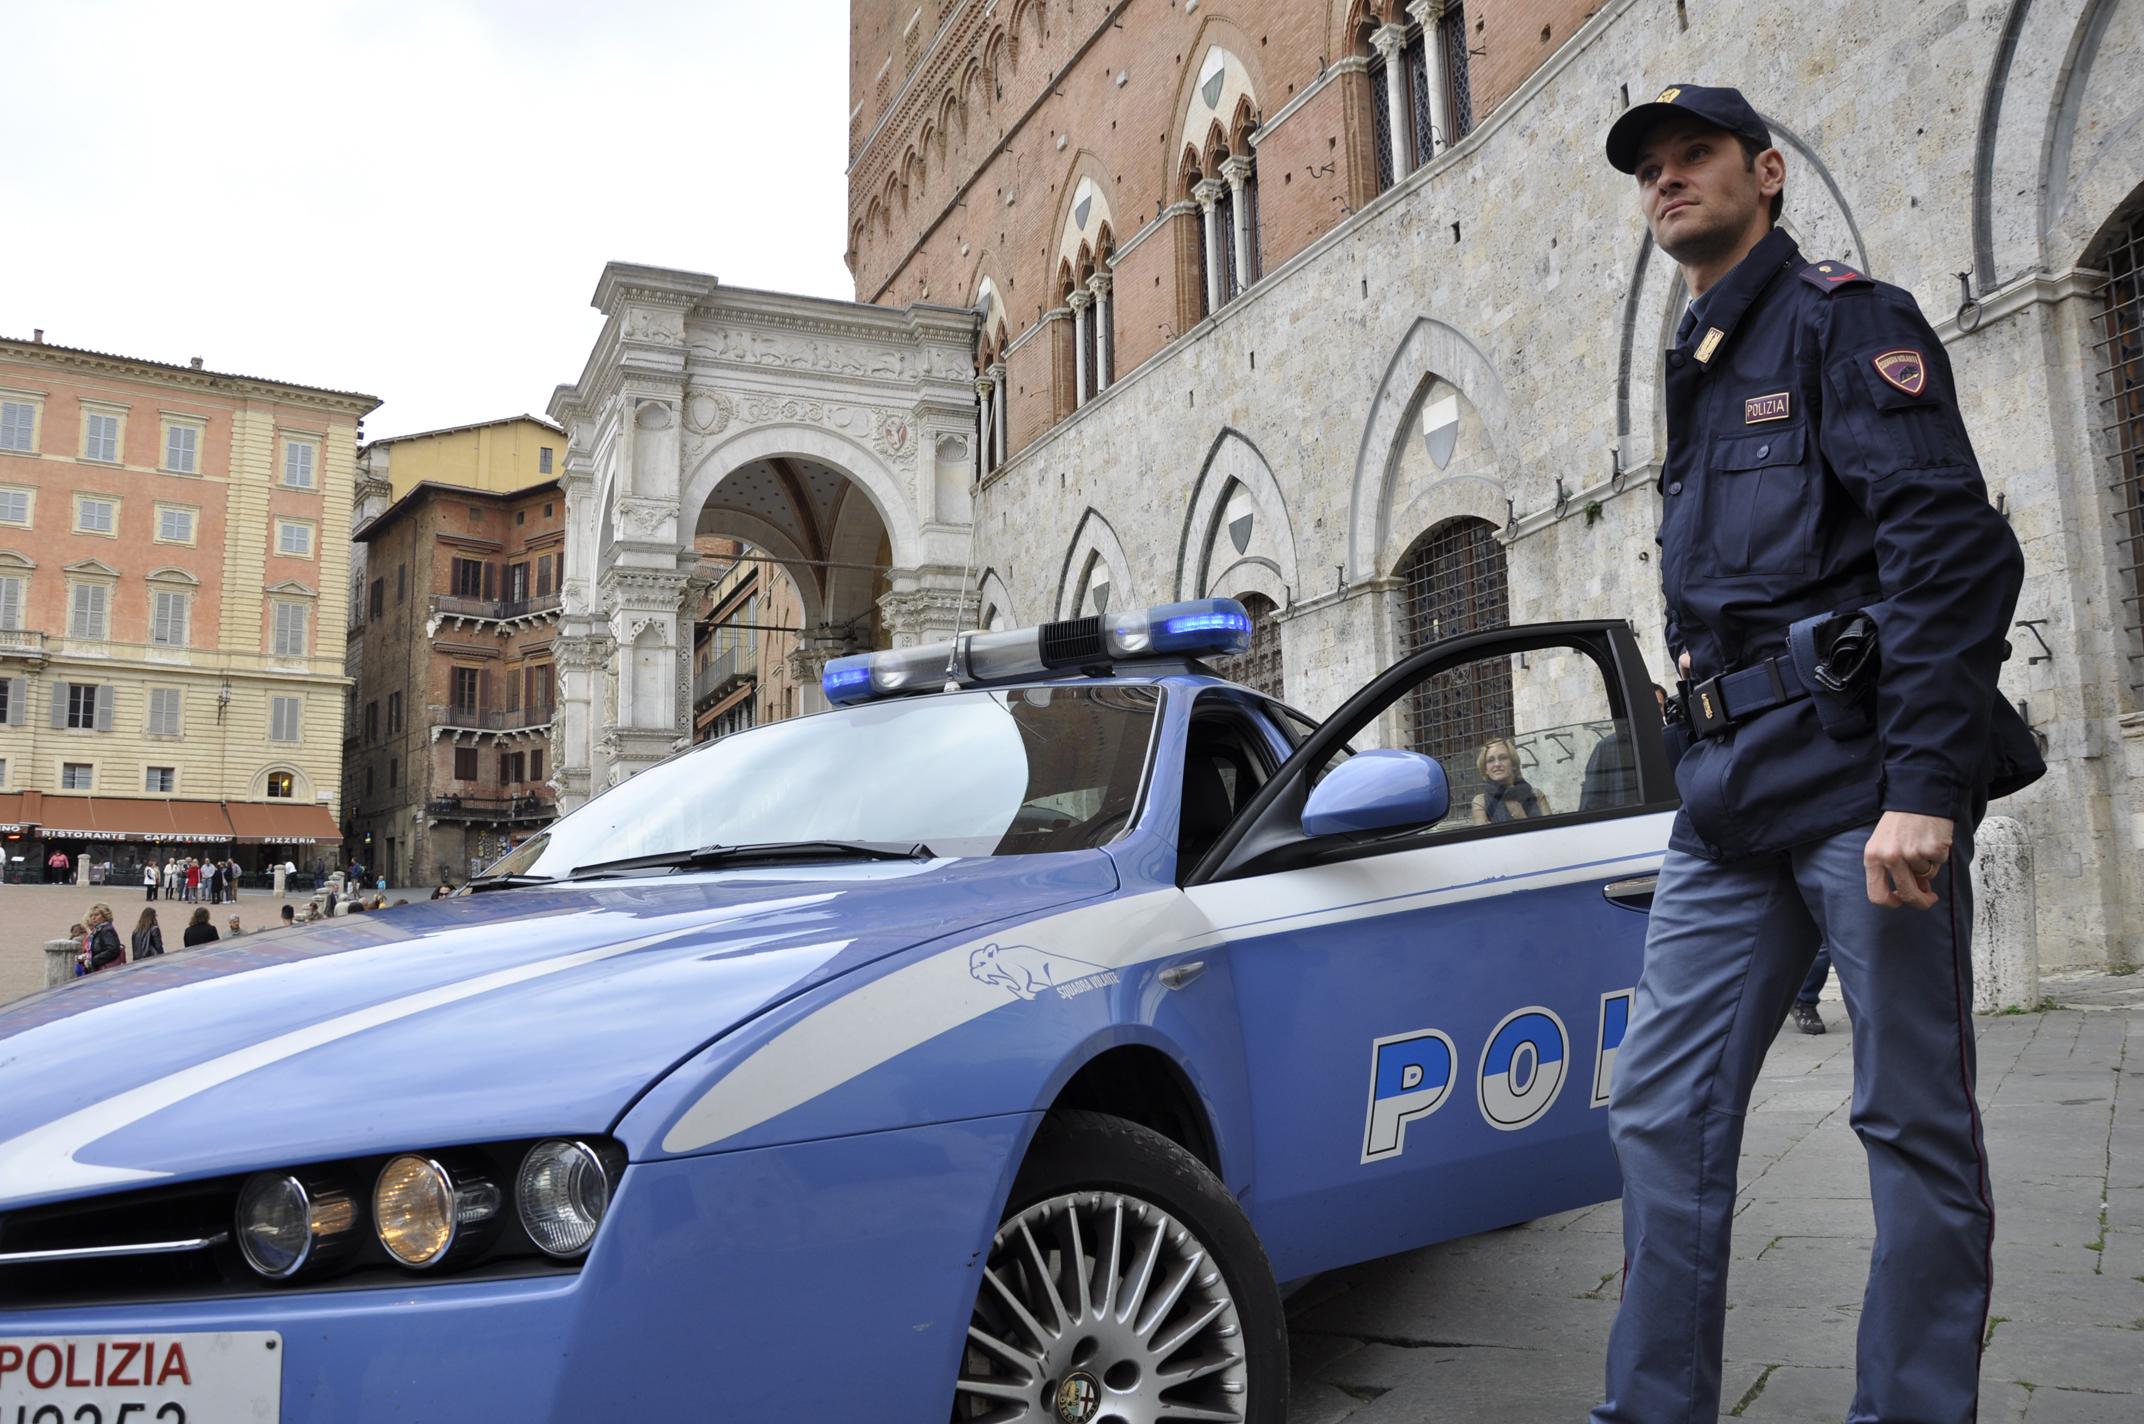 Espulso, rientra in Italia: clandestino serbo nei guai